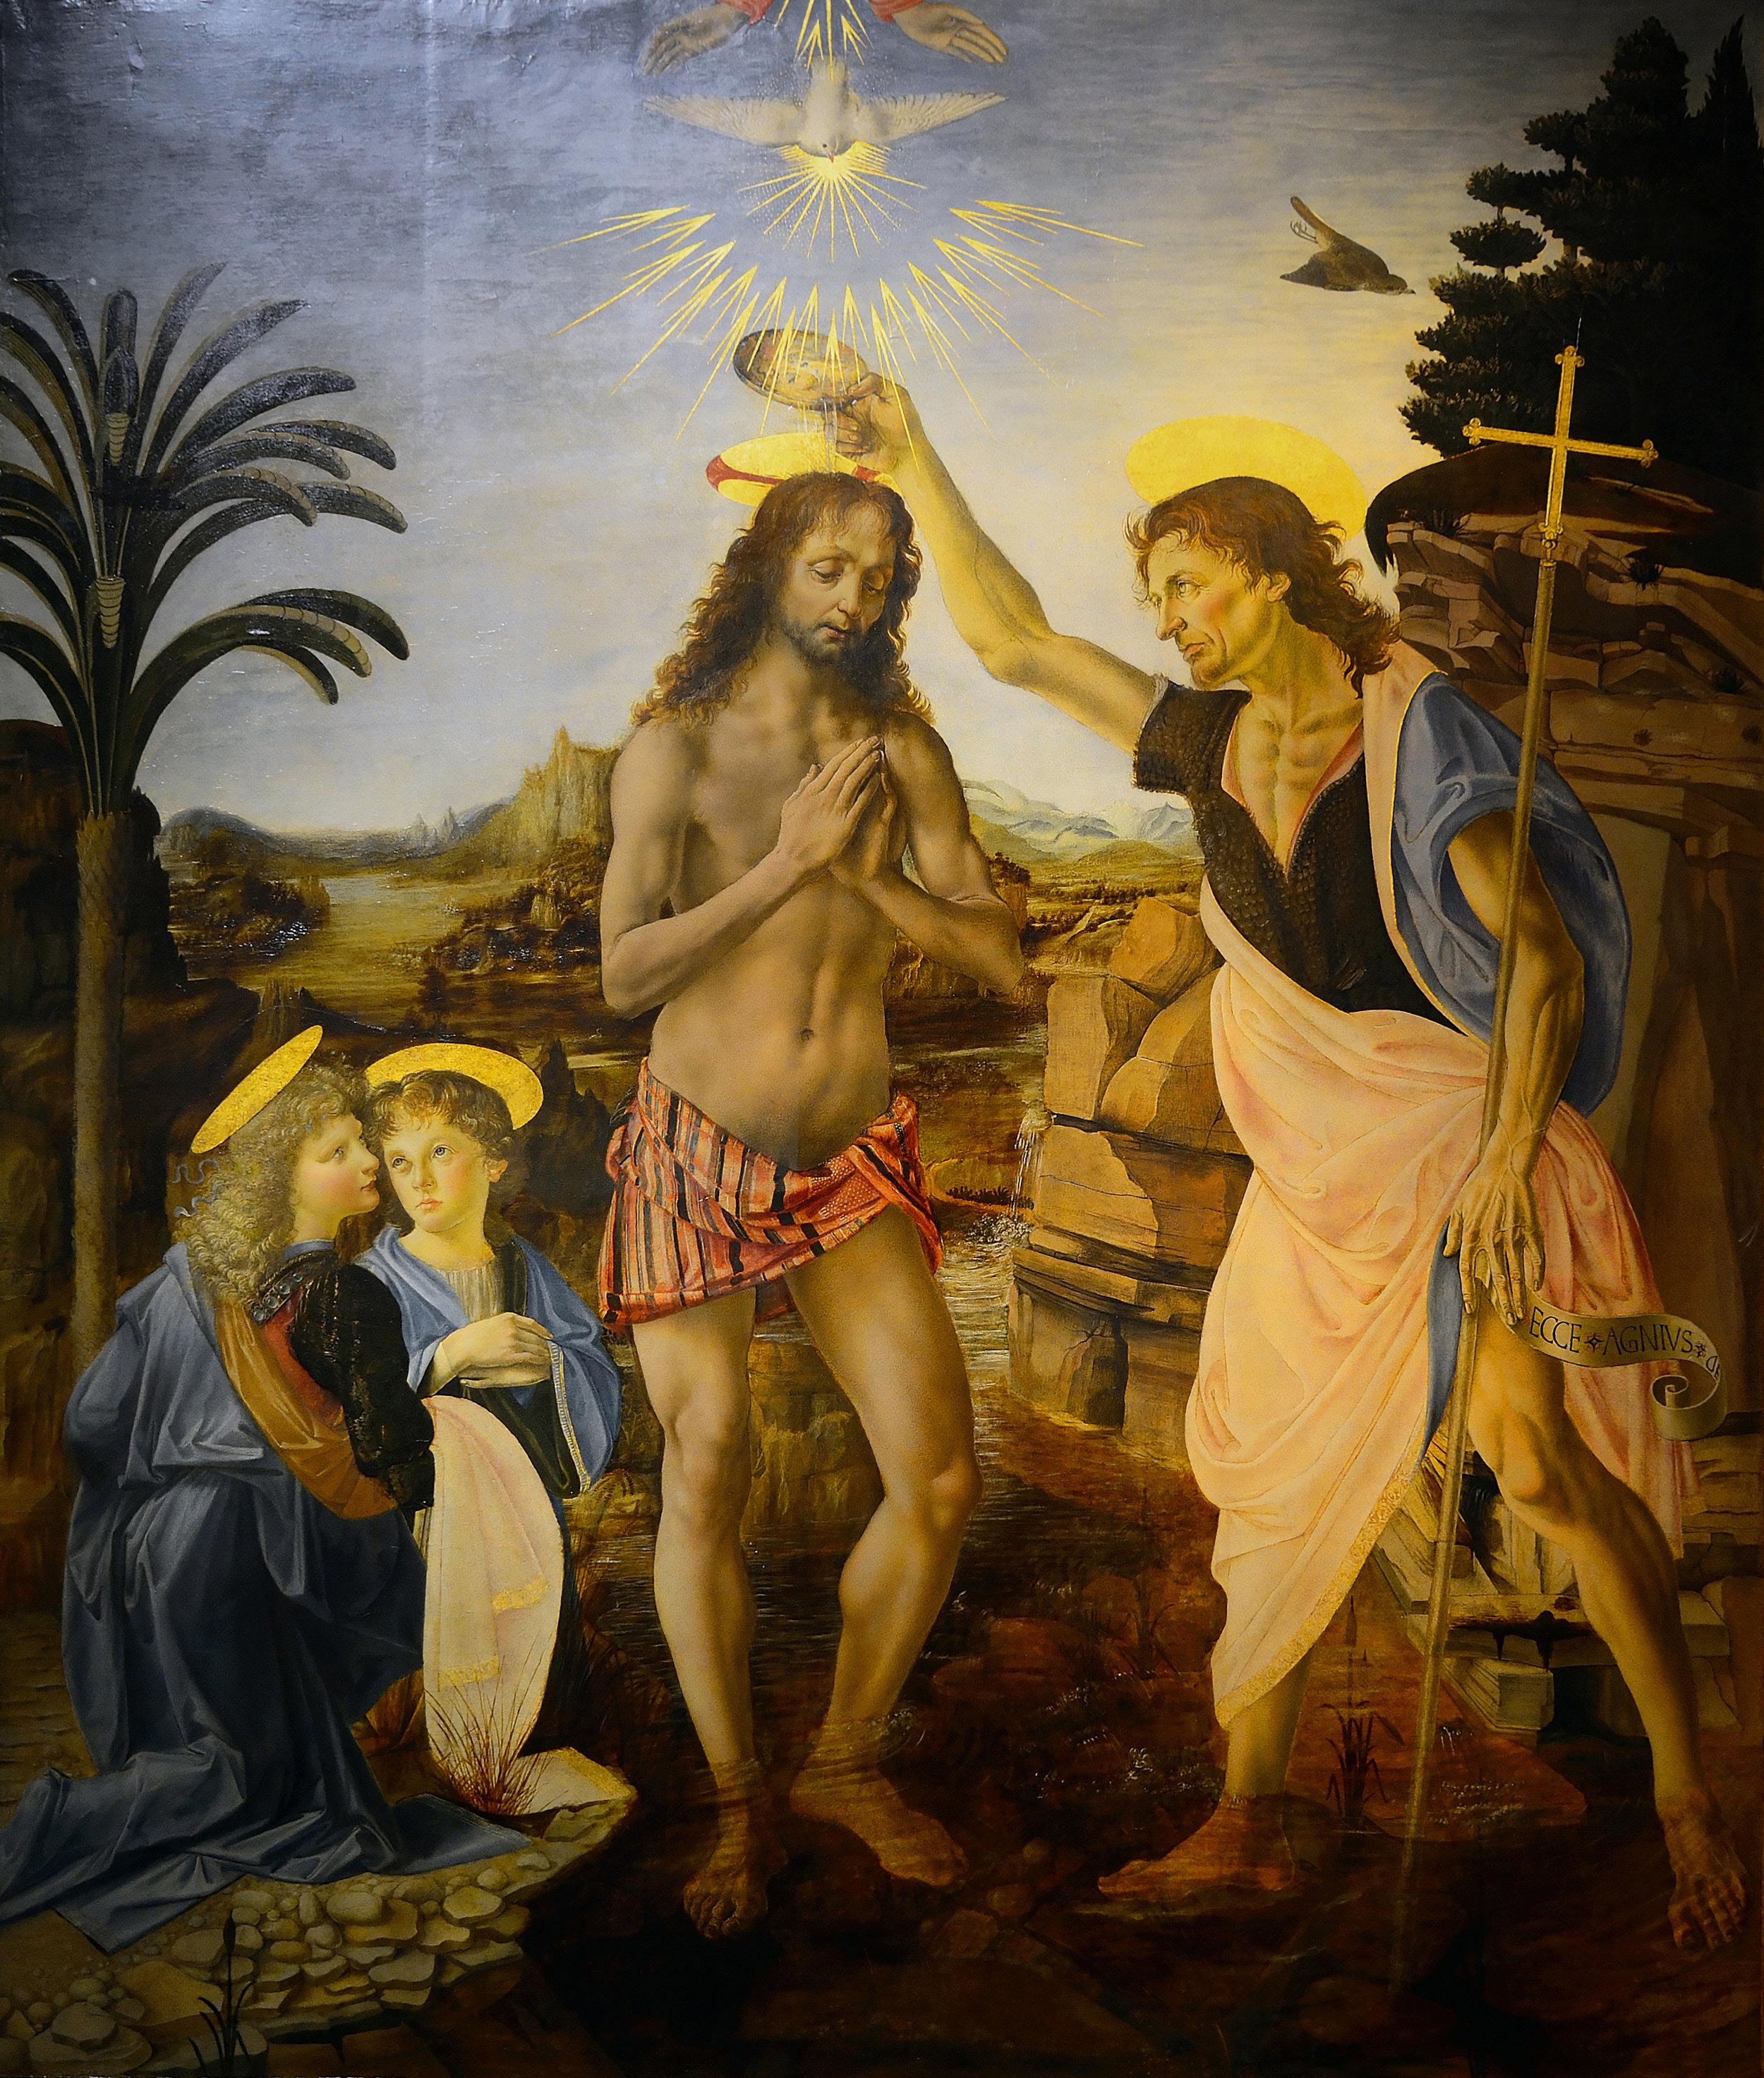 The Baptism of Christ (1475) by Andrea del Verrocchio and Leonardo da Vinci